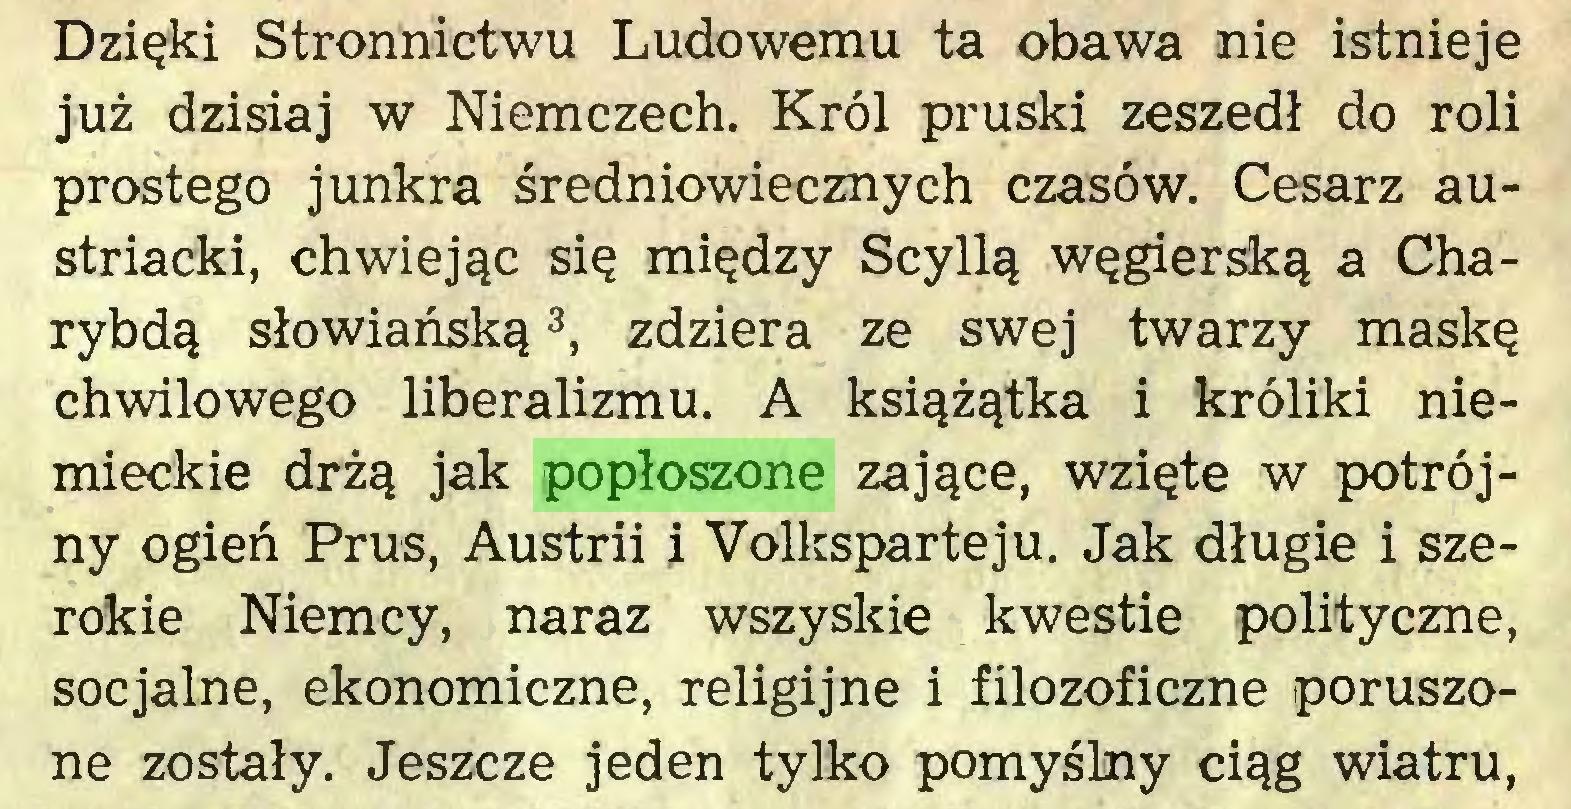 (...) Dzięki Stronnictwu Ludowemu ta obawa nie istnieje już dzisiaj w Niemczech. Król pruski zeszedł do roli prostego junkra średniowiecznych czasów. Cesarz austriacki, chwiejąc się między Scyllą węgierską a Charybdą słowiańską3, zdziera ze swej twarzy maskę chwilowego liberalizmu. A książątka i króliki niemieckie drżą jak popłoszone zające, wzięte w potrójny ogień Prus, Austrii j Volksparteju. Jak długie i szerokie Niemcy, naraz wszyskie kwestie polityczne, socjalne, ekonomiczne, religijne i filozoficzne poruszone zostały. Jeszcze jeden tylko pomyślny ciąg wiatru,...